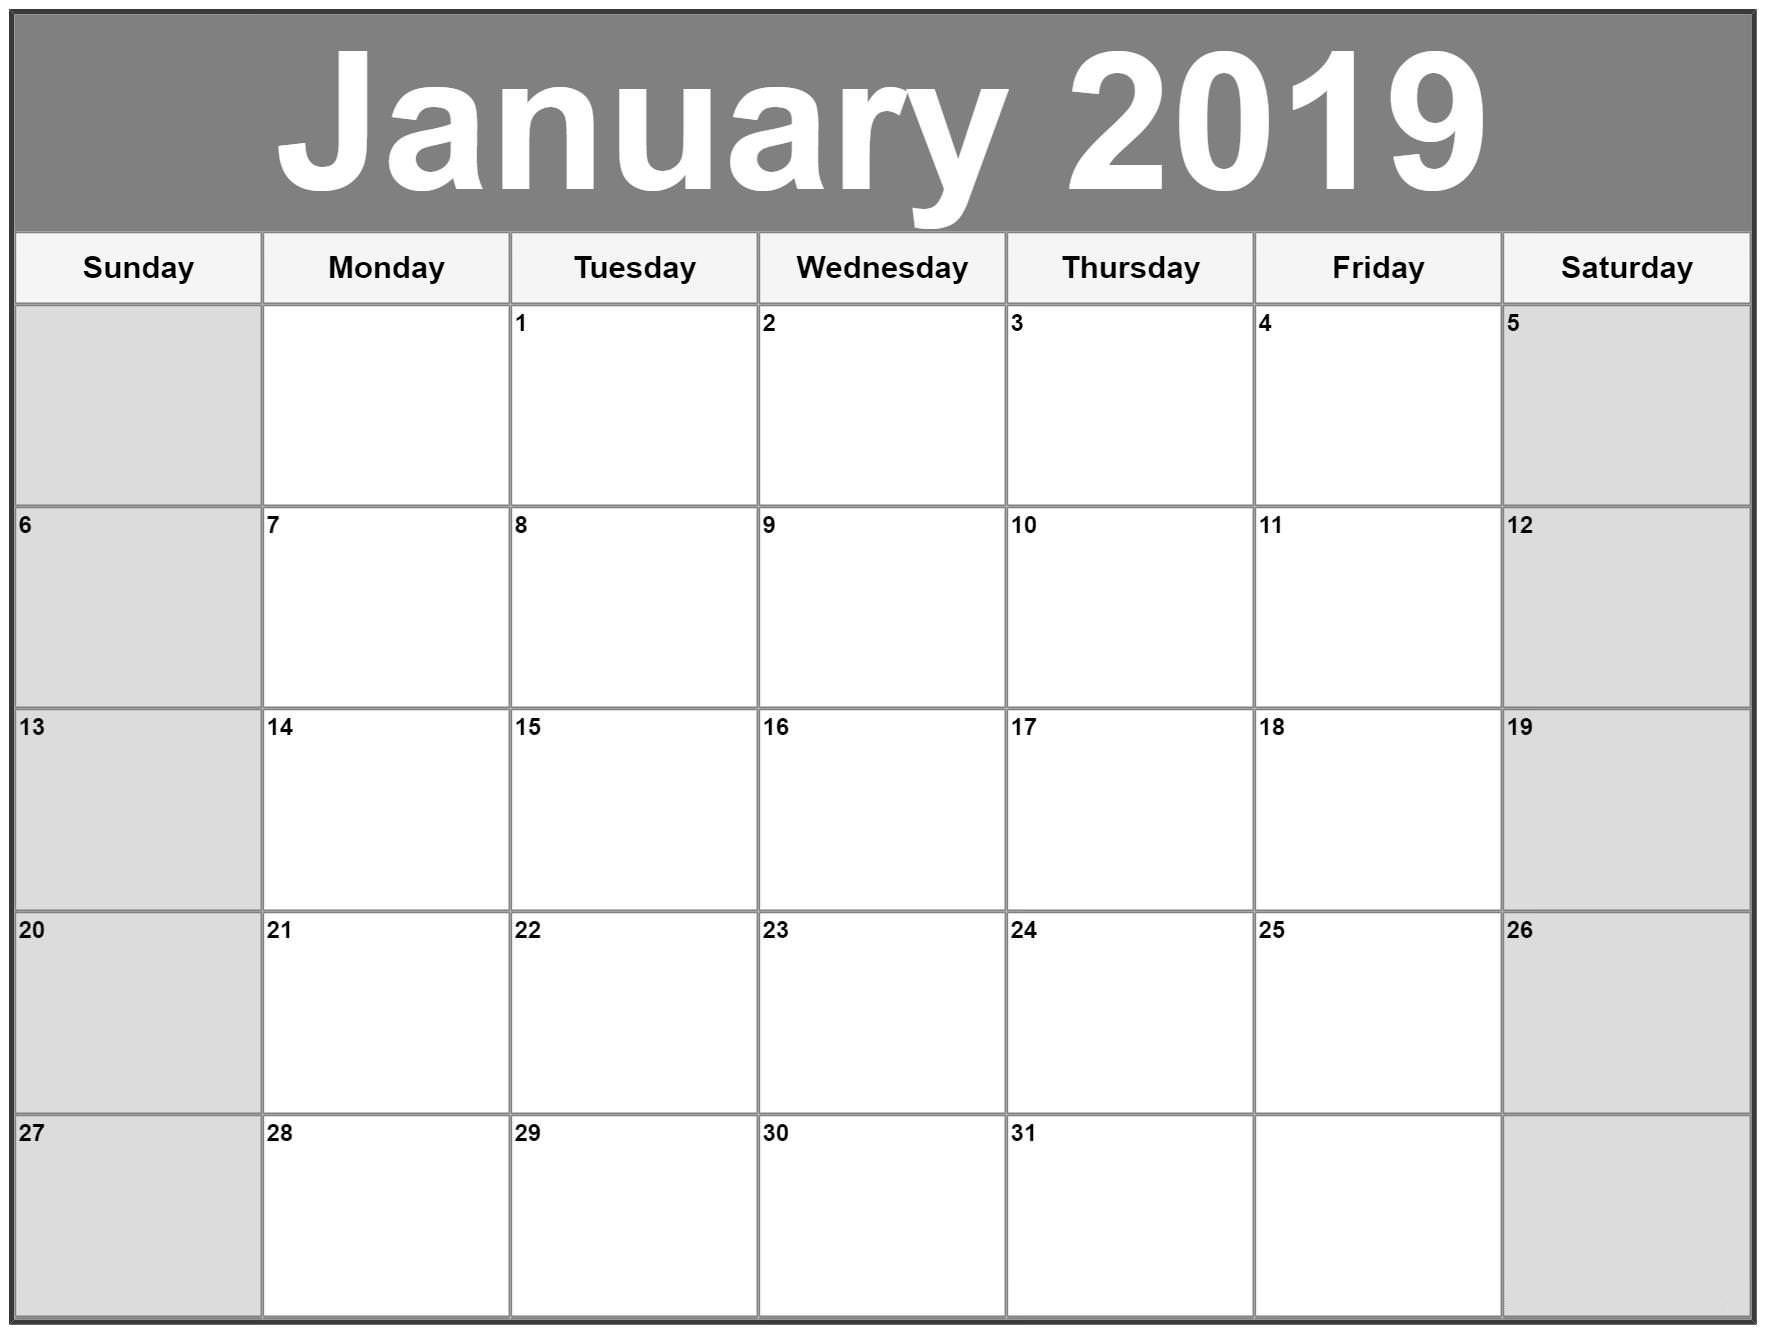 January 2019 Calendar Canada Calendar Template Printablejanuary 2019_Calendar Blank On Iphone